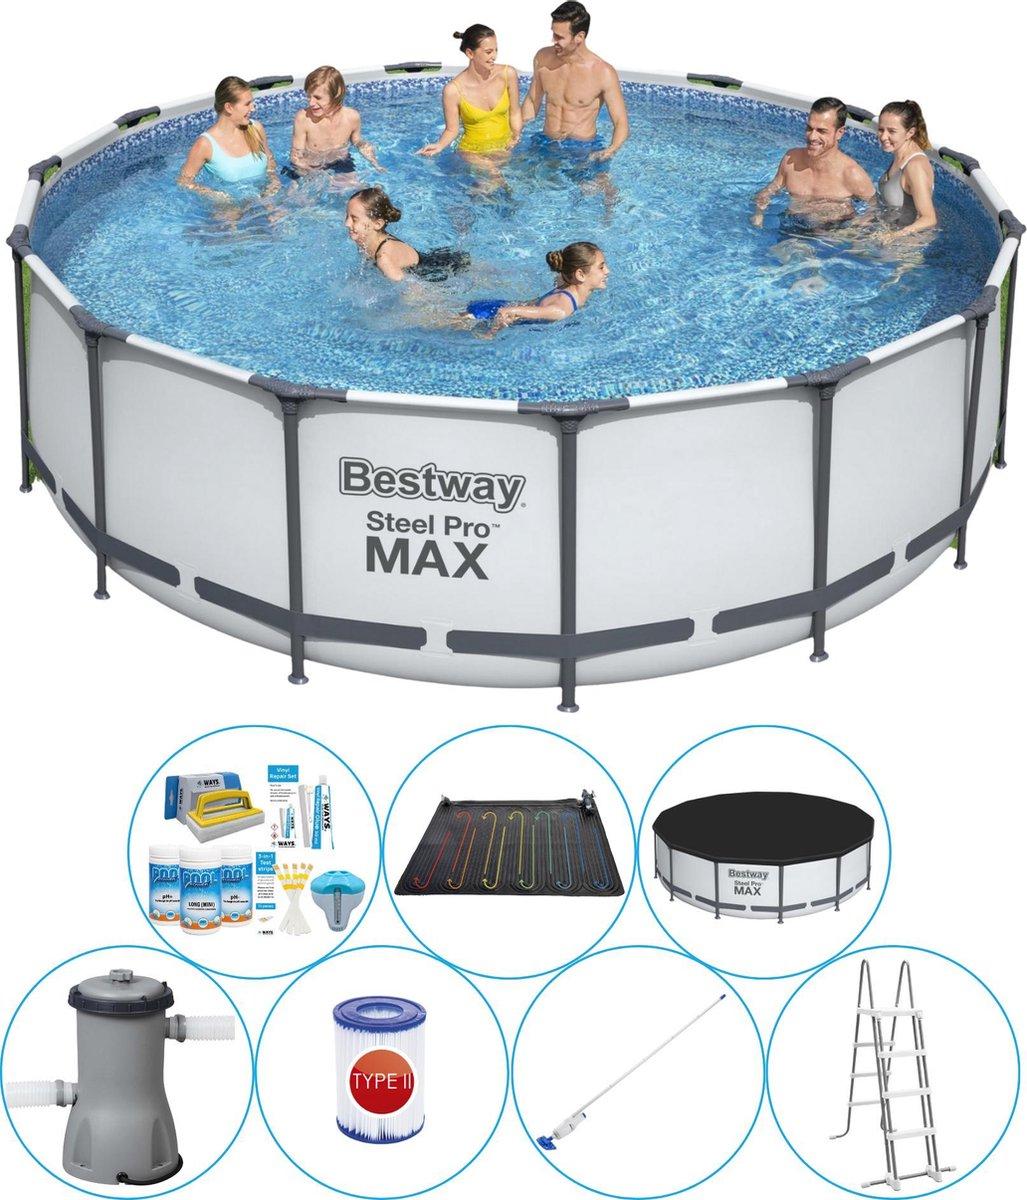 Bestway Steel Pro MAX Rond 457x122 cm - Zwembad Deal